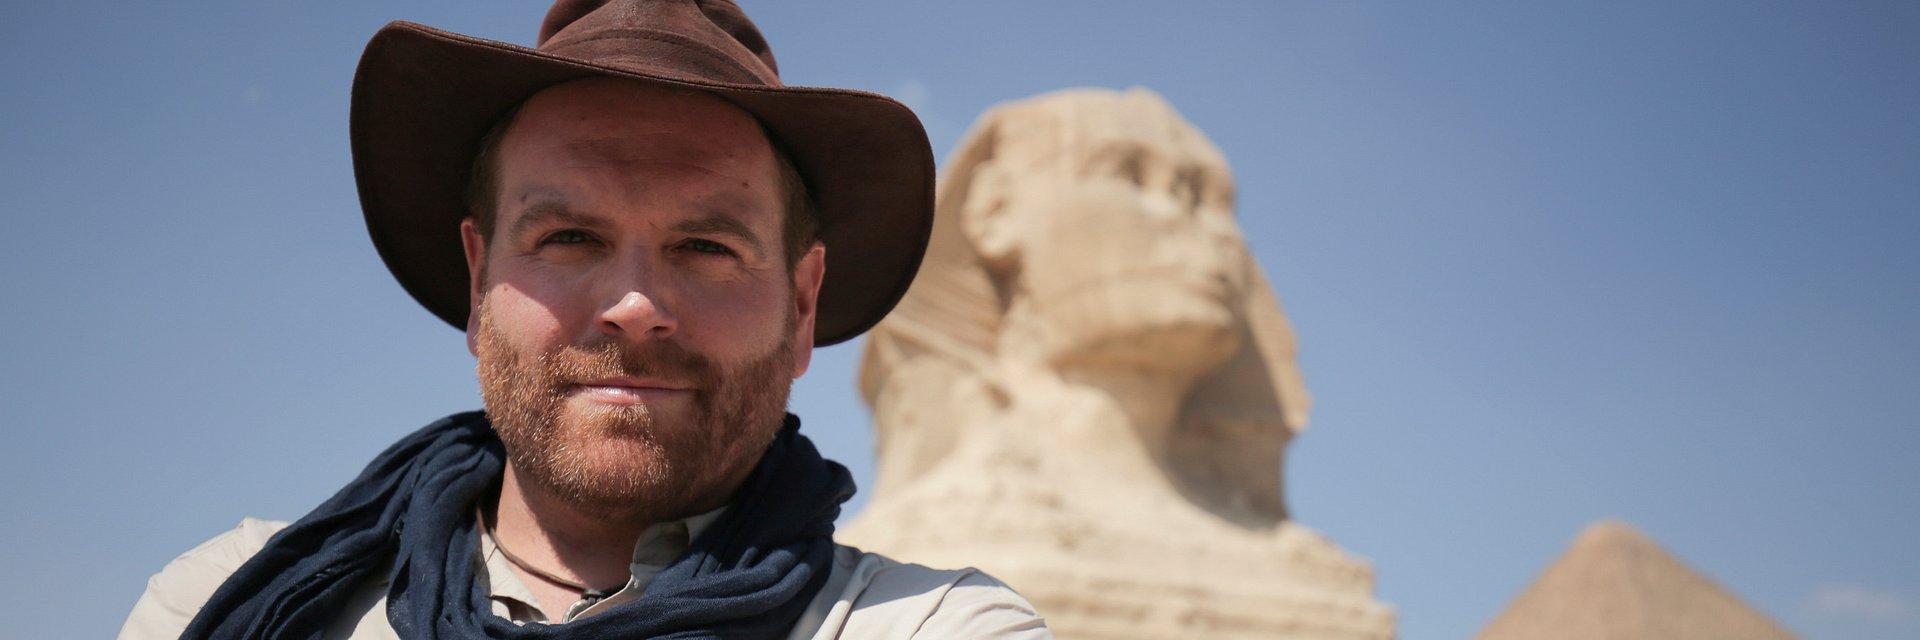 """""""Egipt: wyprawa w nieznane"""" - widzowie Discovery Channel będą świadkami historycznego odkrycia"""